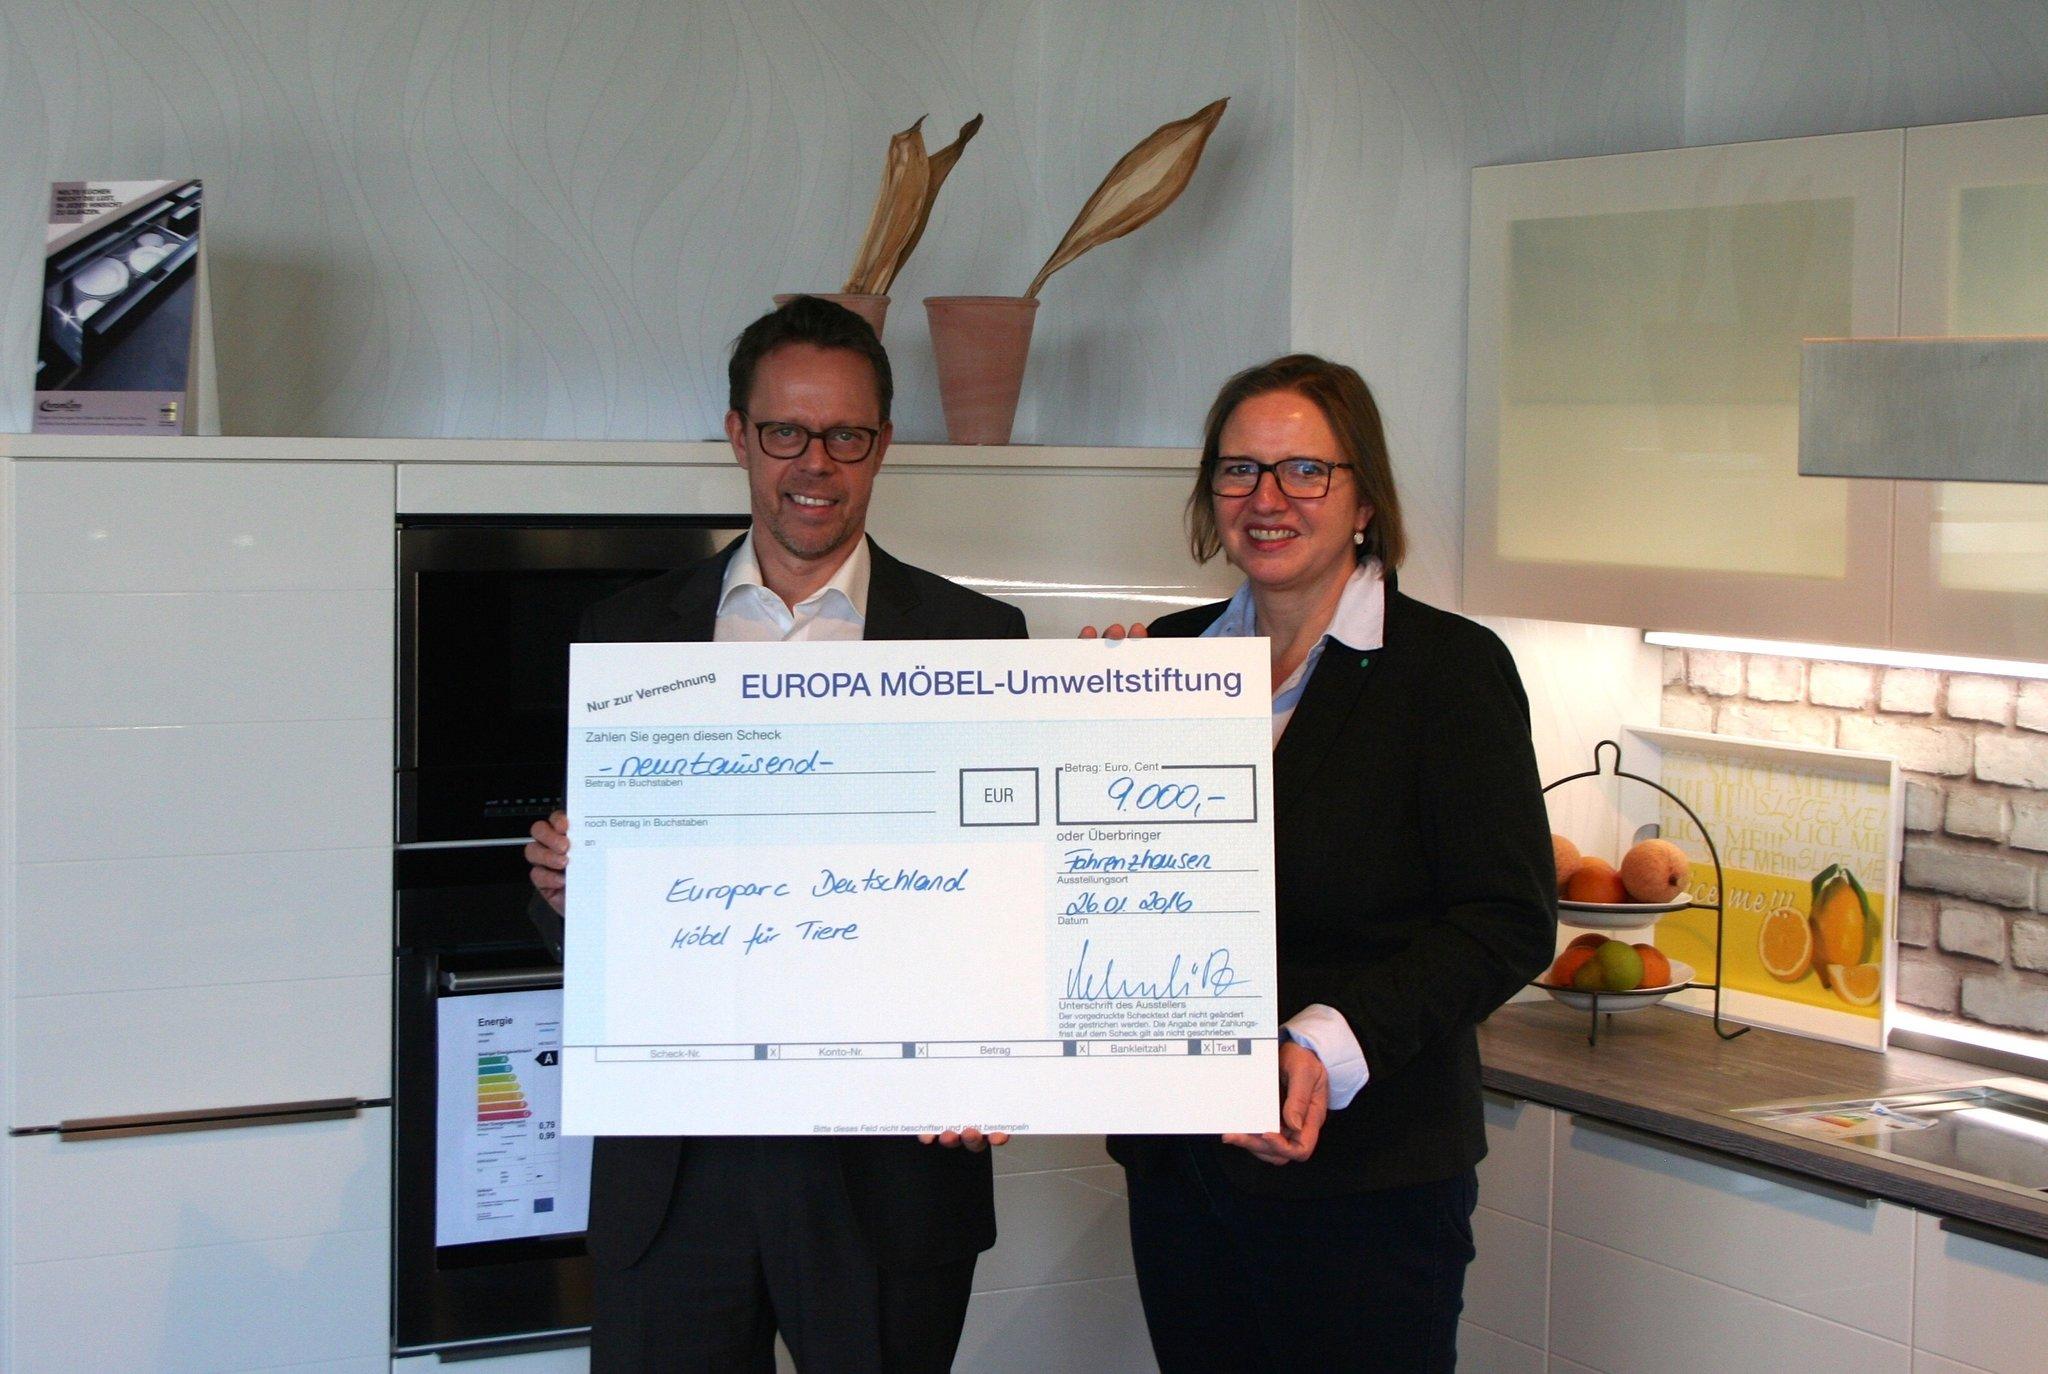 Möbelhaus Anderle Unterstützt Naturschutzprojekt Mit 9000 Euro